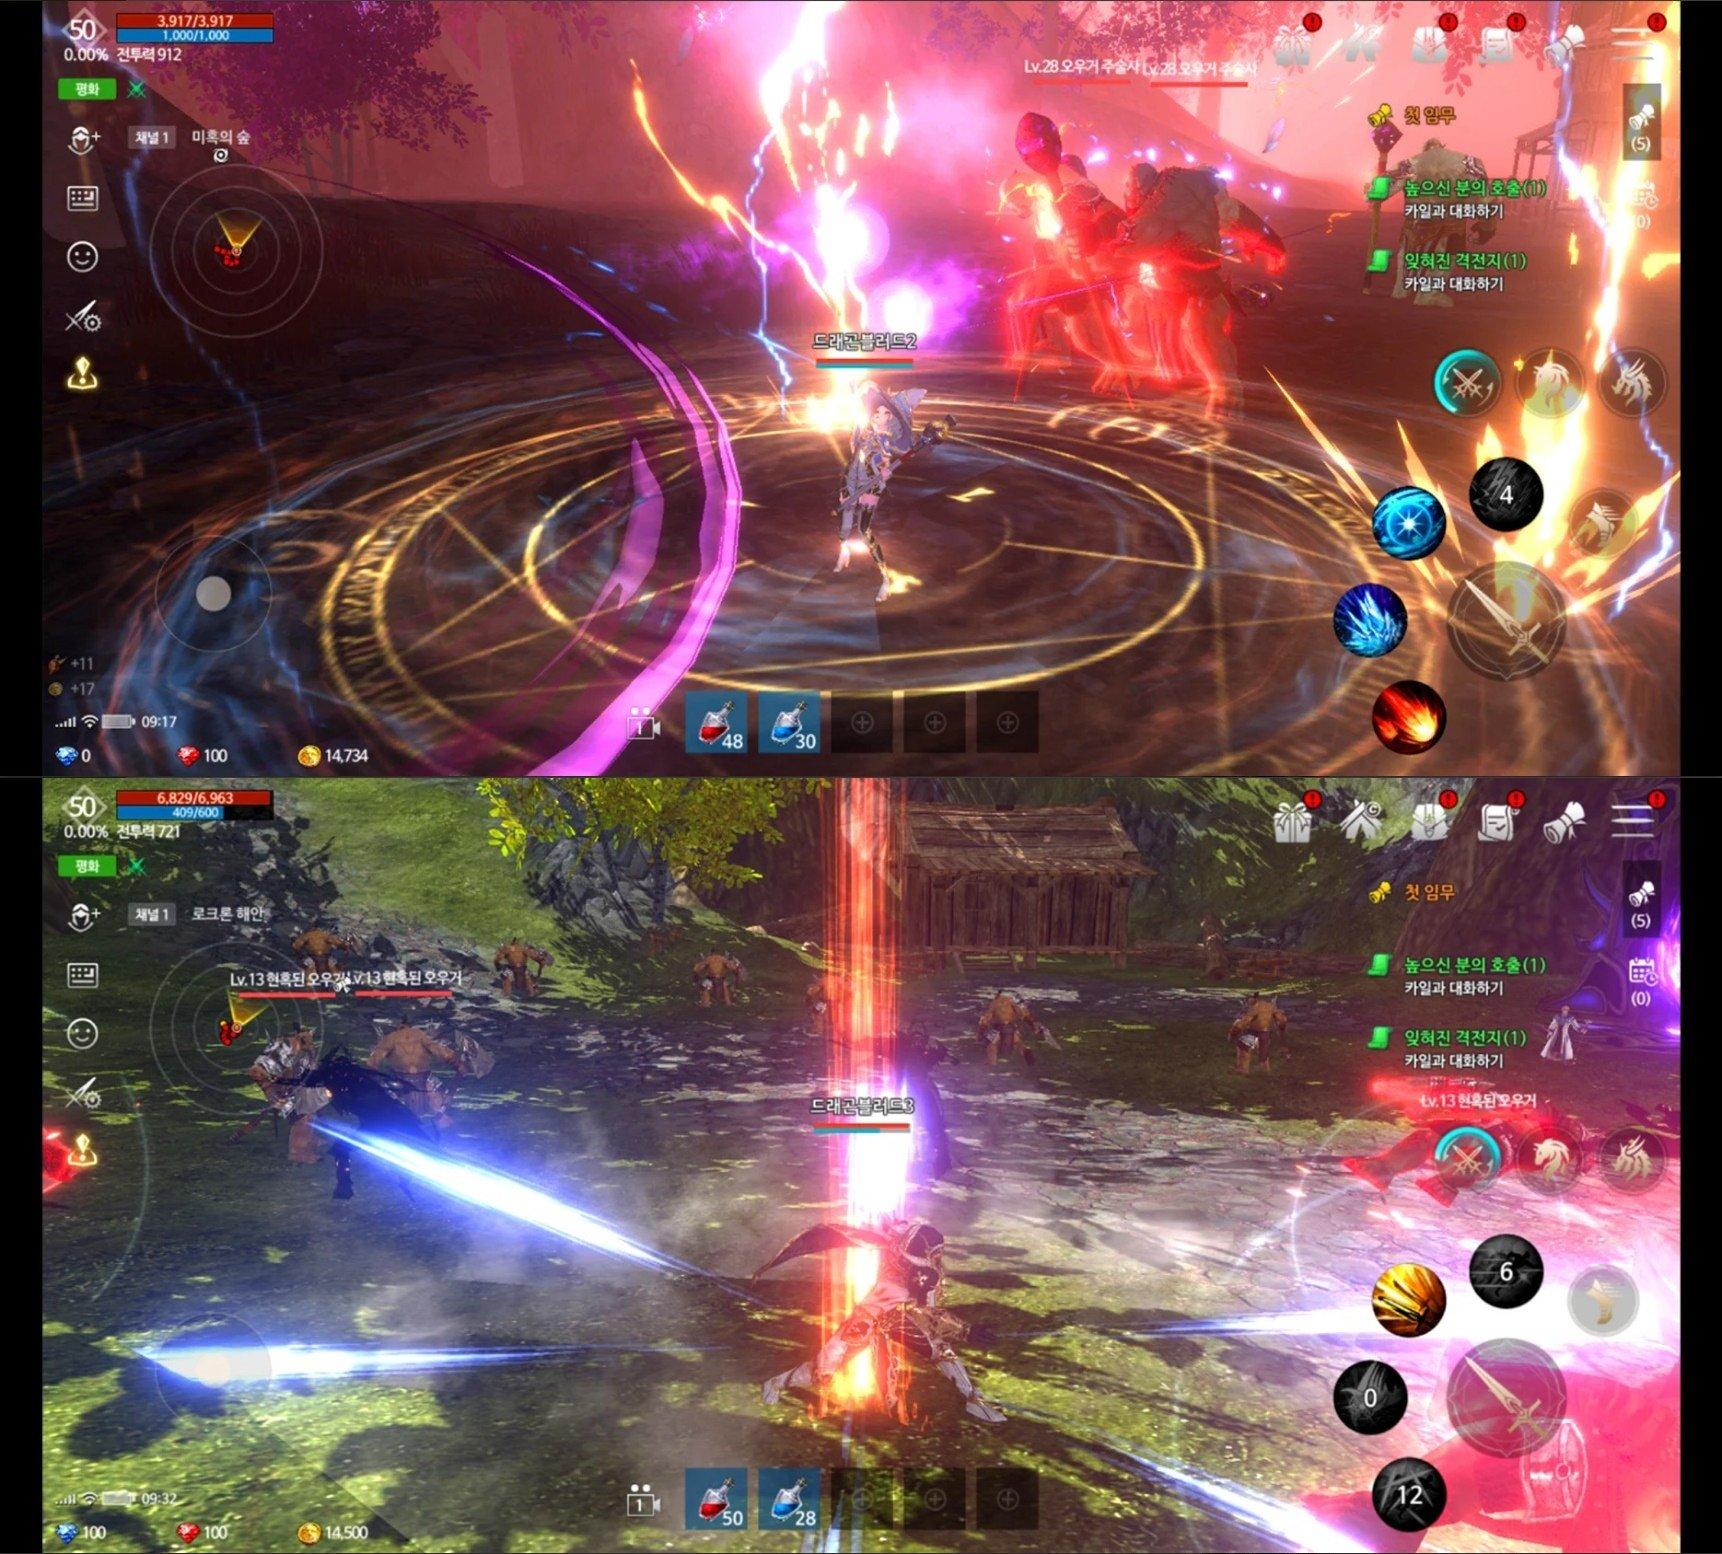 드래곤과 함께 펼치는 모험, 신작 MMORPG 드래곤블러드를 블루스택으로 즐겨봐요!